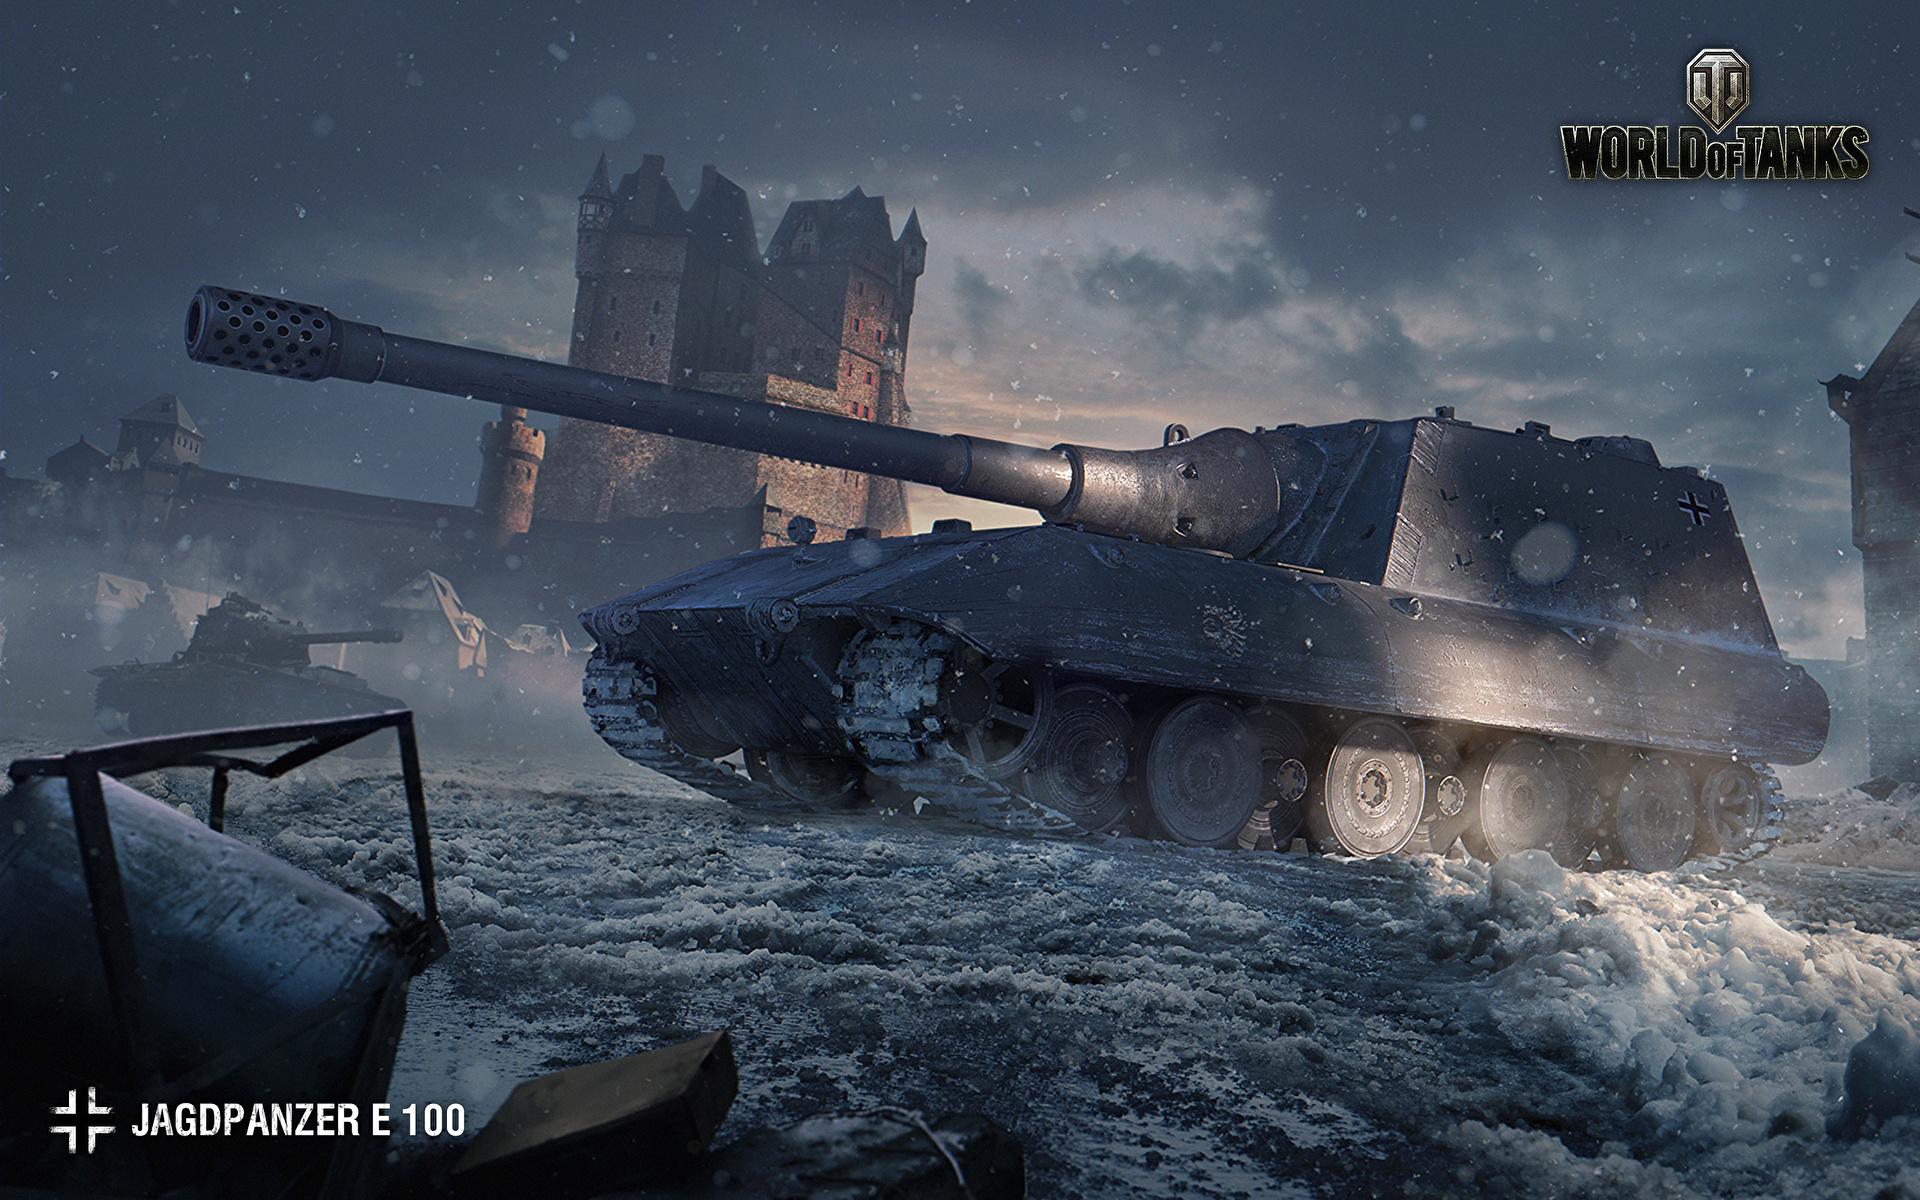 Обои для рабочего стола World of Tanks Самоходка Jagdpanzer E 100 Игры 1920x1200 WOT САУ компьютерная игра